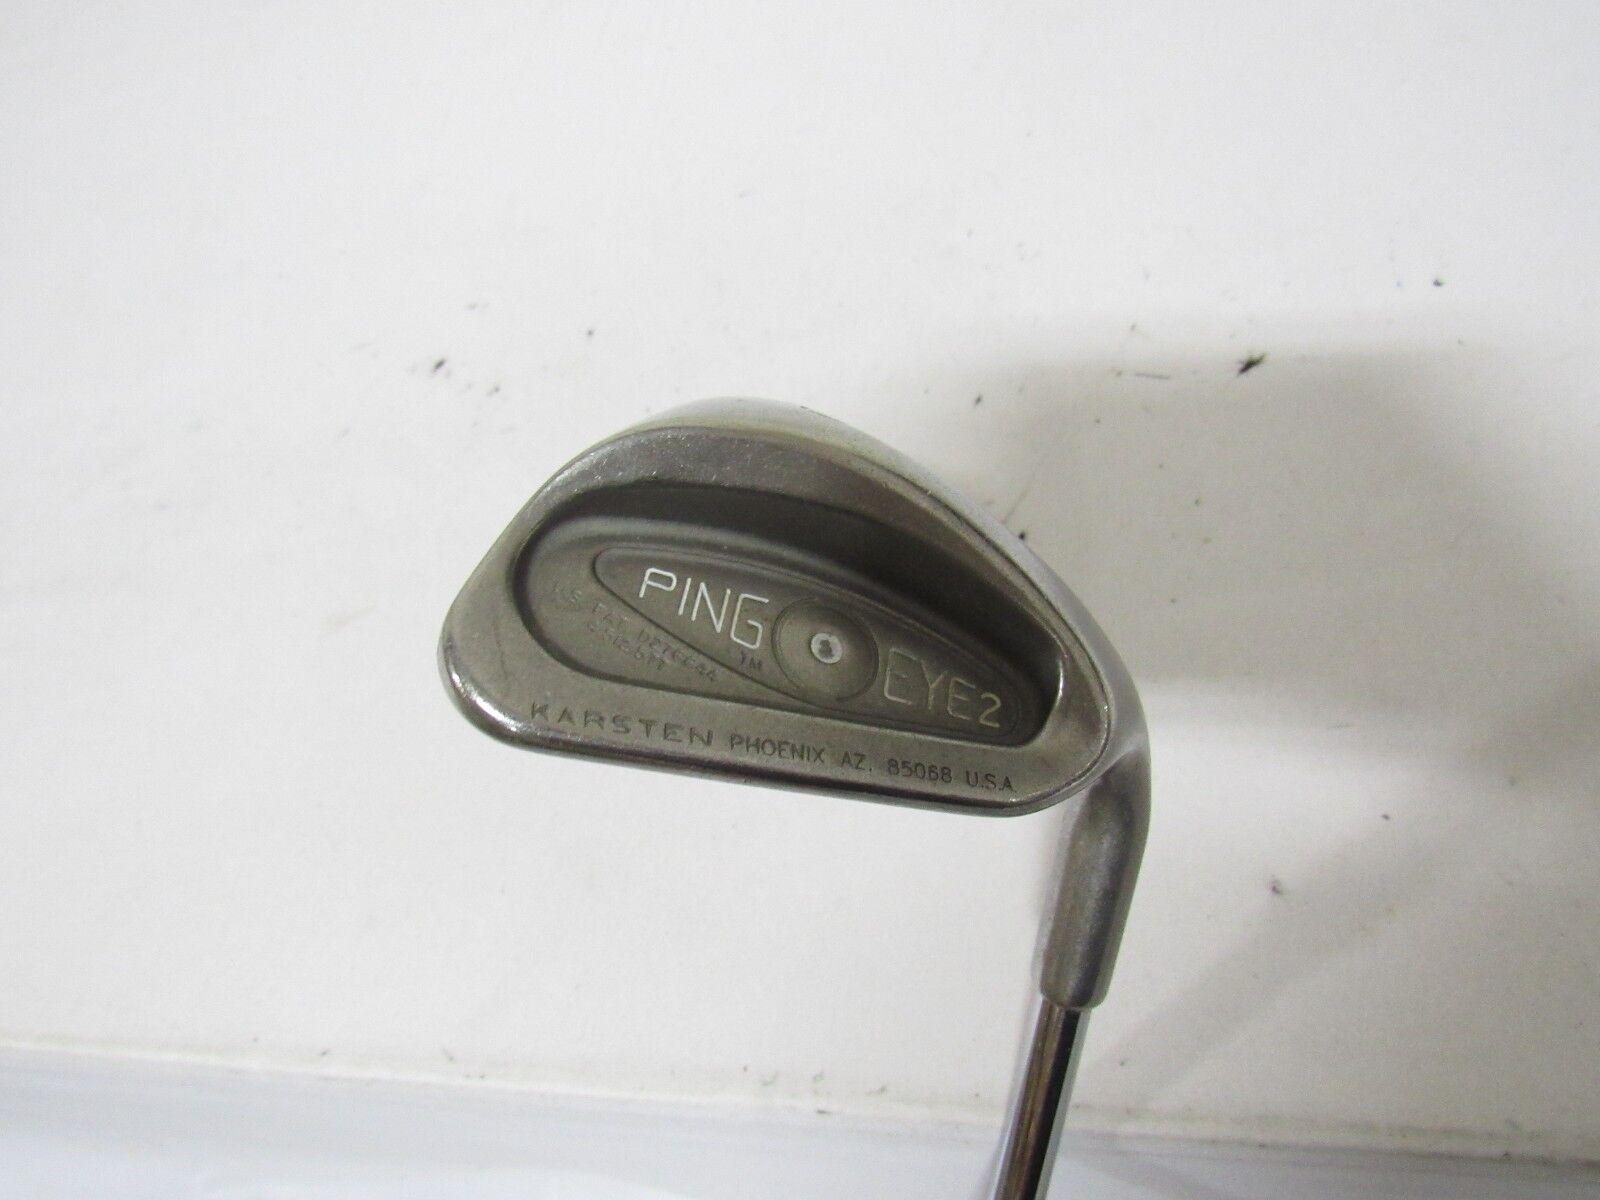 Utiliza la mano derecha Ping Eye 2 Arena  S Cuña Ping EZ Lite Acero rígido de la flexión S-Flex (punto blancoo)  producto de calidad